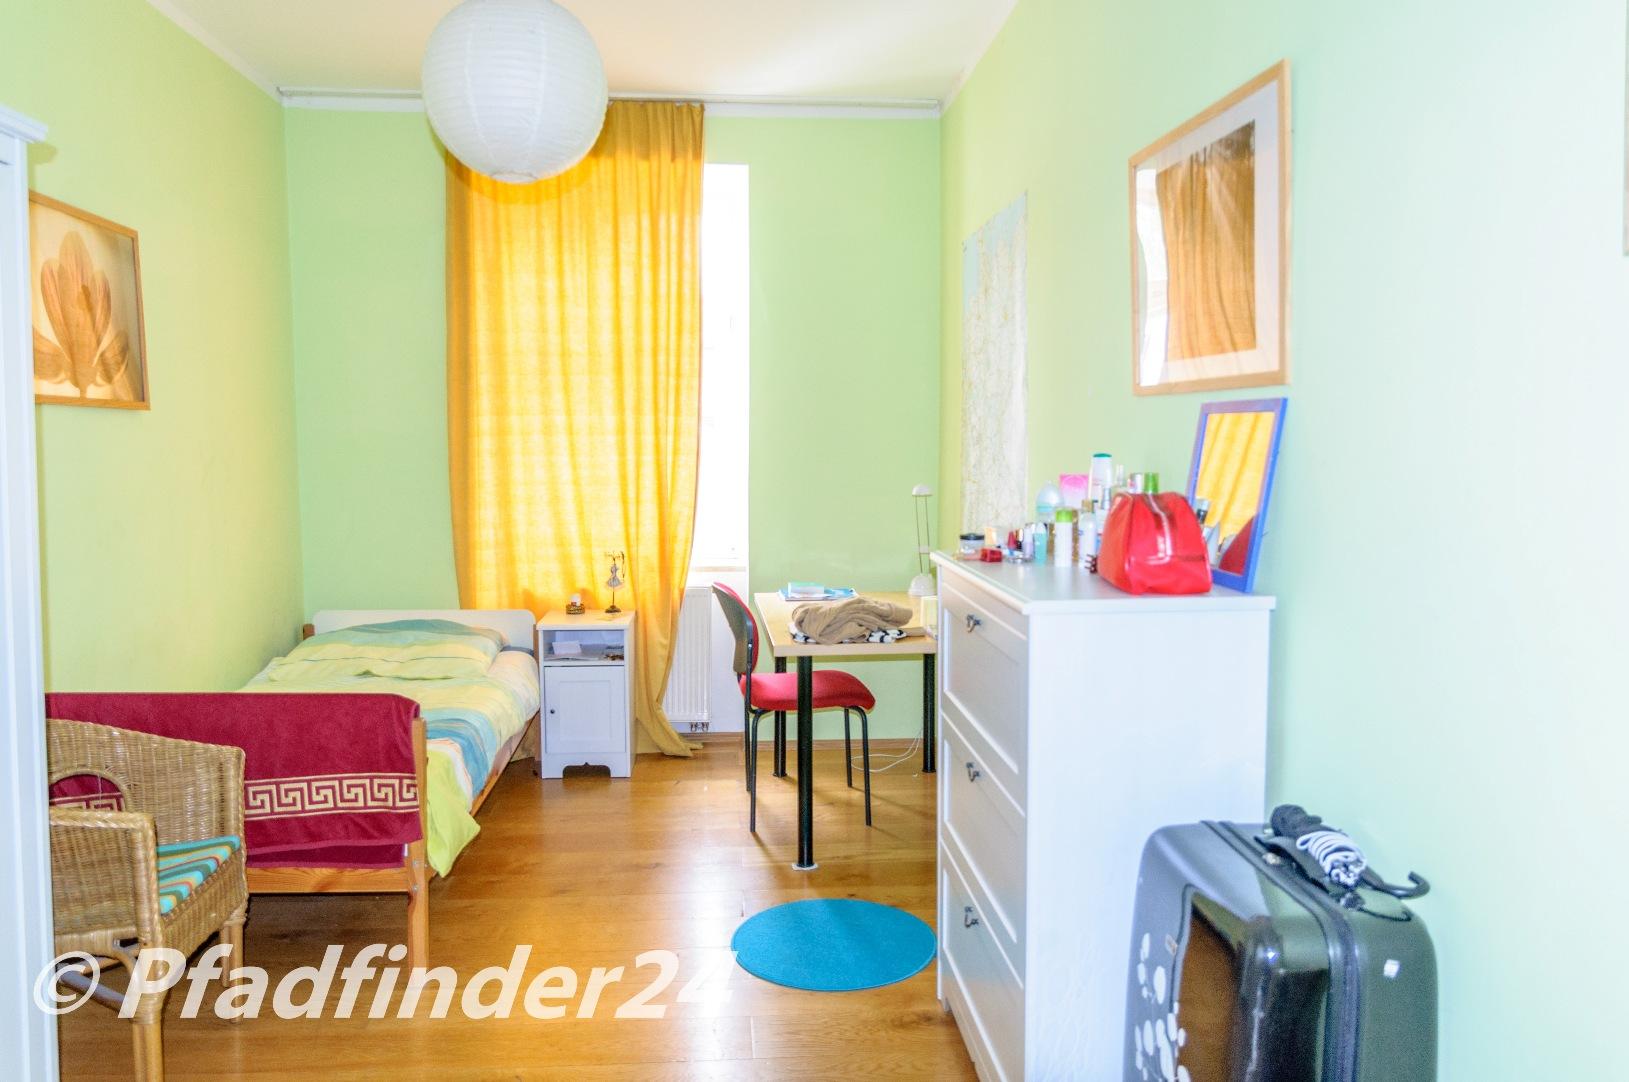 学生寮の部屋、ベット、椅子、机、衣装棚